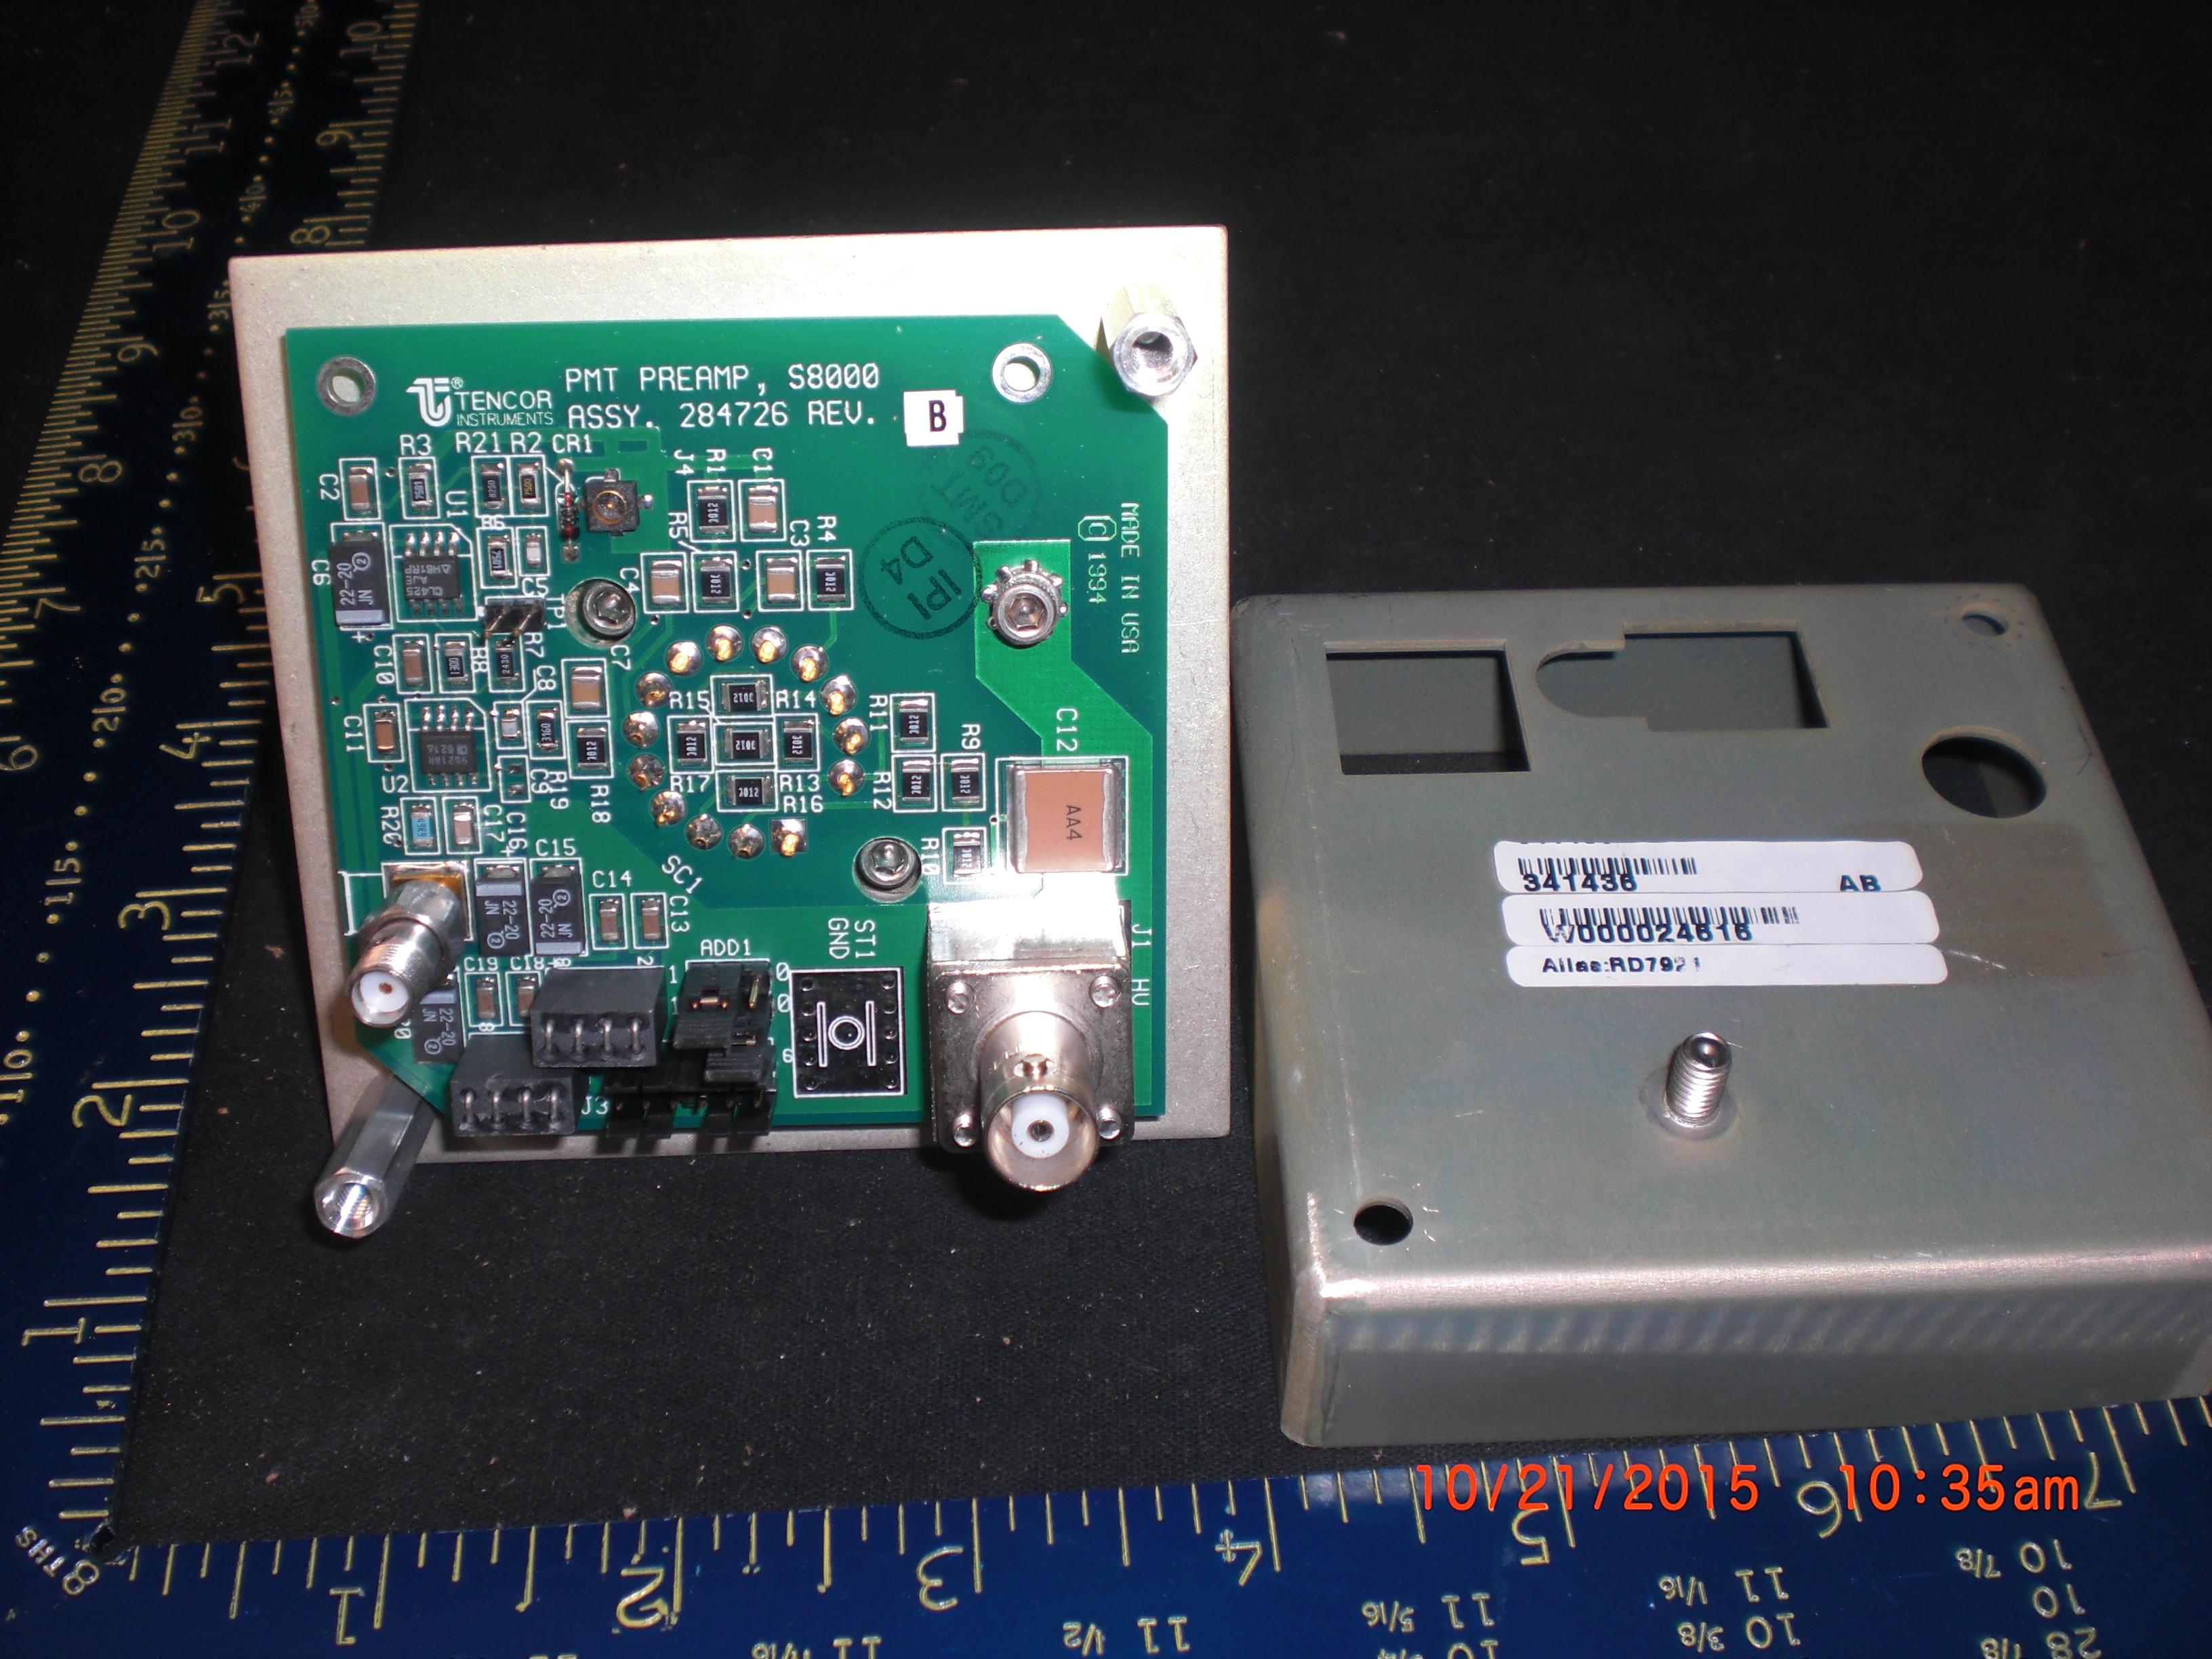 Amplifier KLA TENCOR 284726  PMT Preamp S8000 Assy, unit 341436